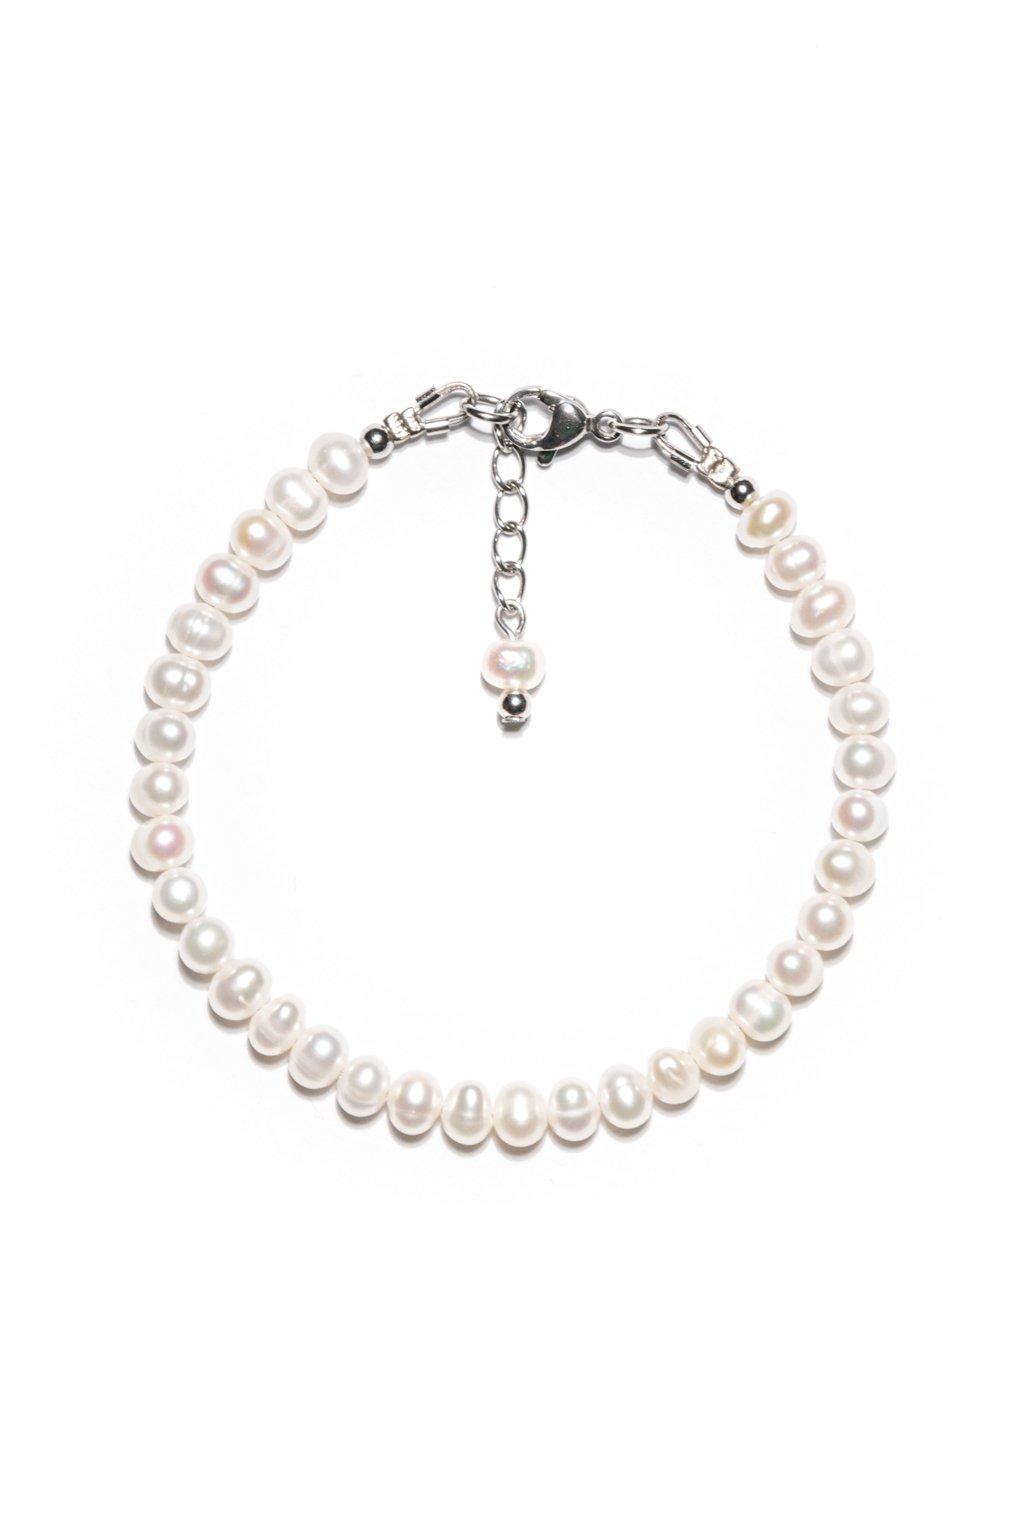 135 Náramok riečna perla mini s karabínkou